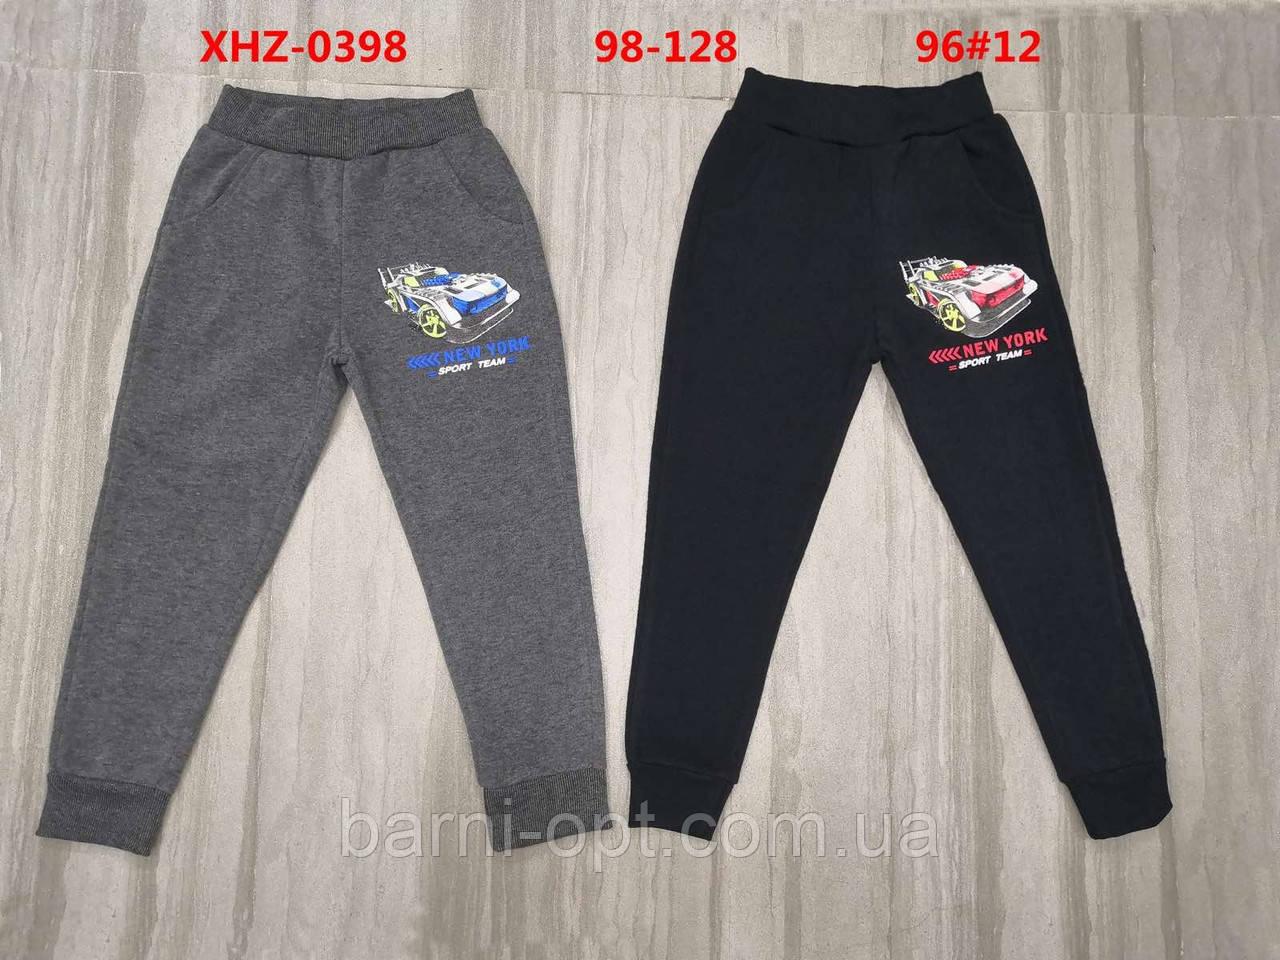 Спортивные брюки утепленные на мальчика оптом, Active sports, 98-128 рр